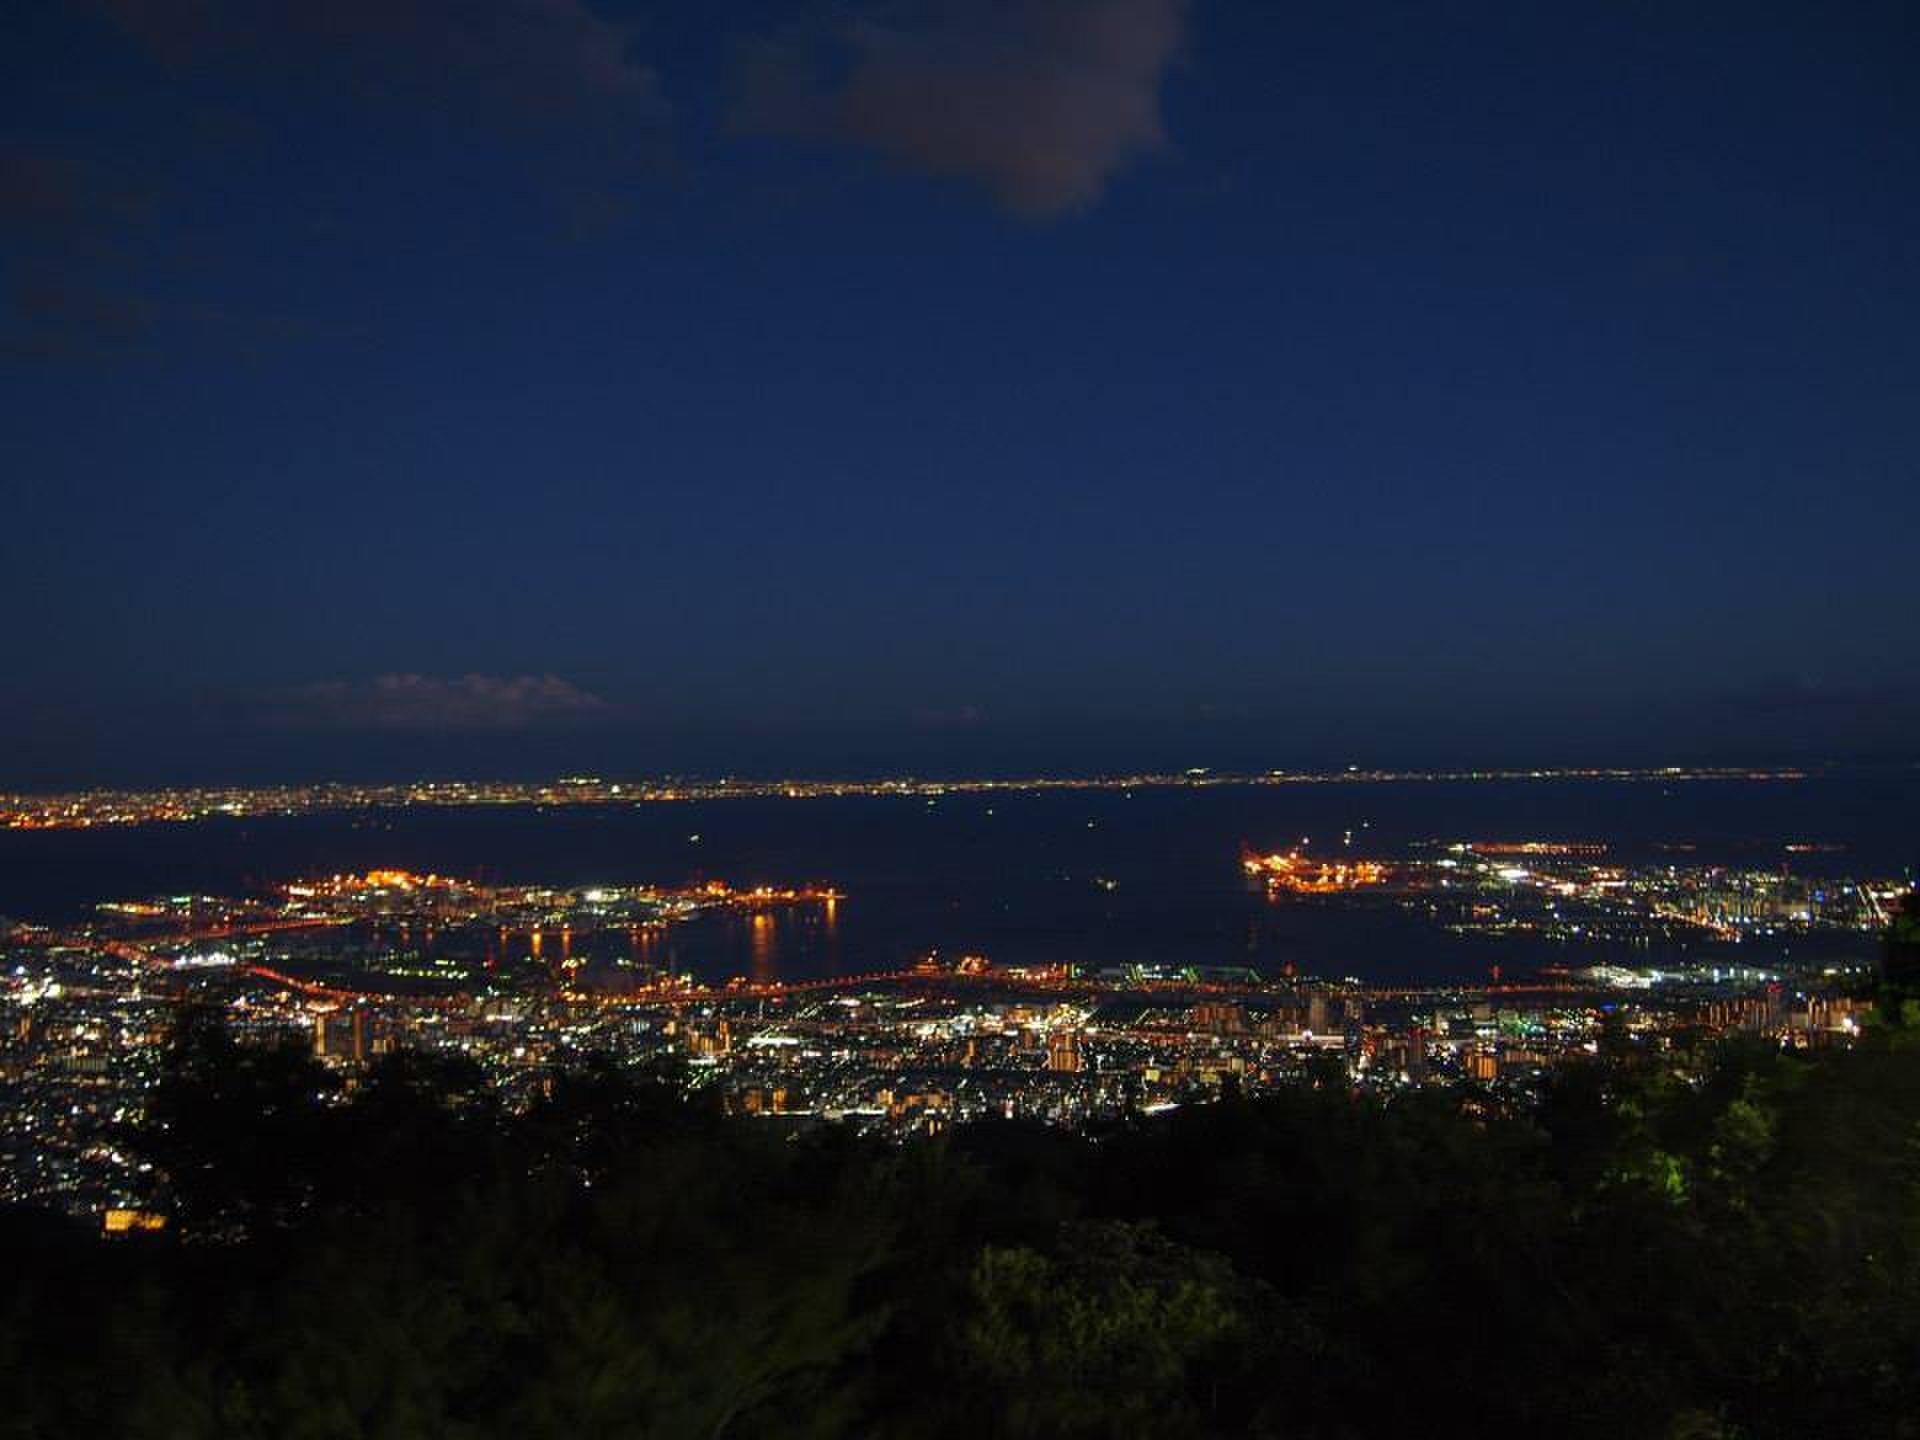 【兵庫県】大坂から日帰り・電車で行ける城と夜景を楽しめる1日!